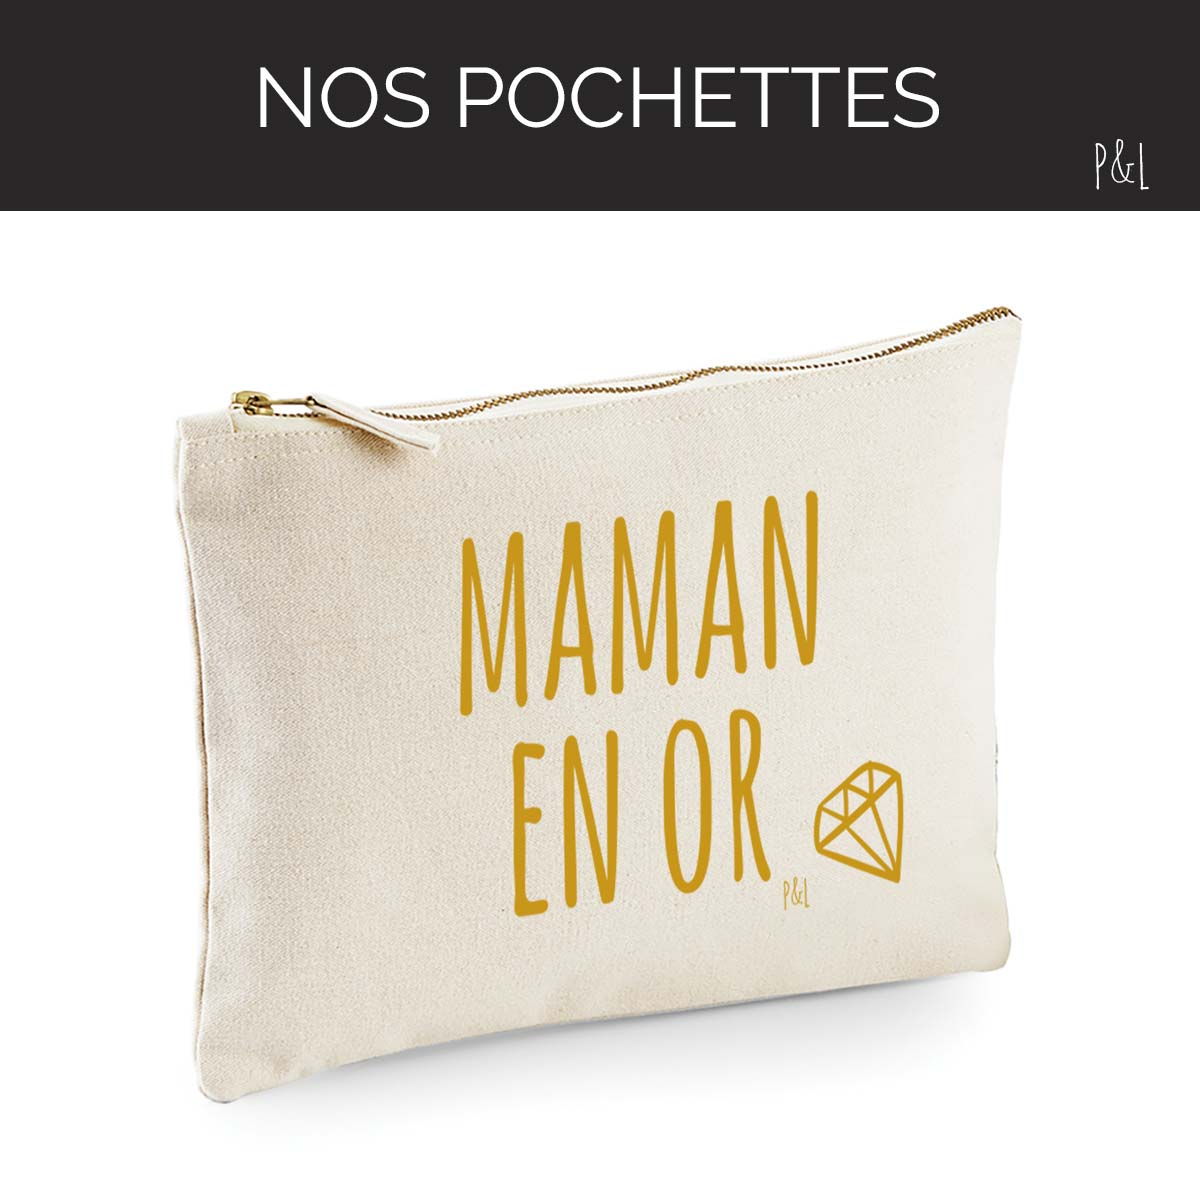 Pochette, Trousse by Pilou et Lilou